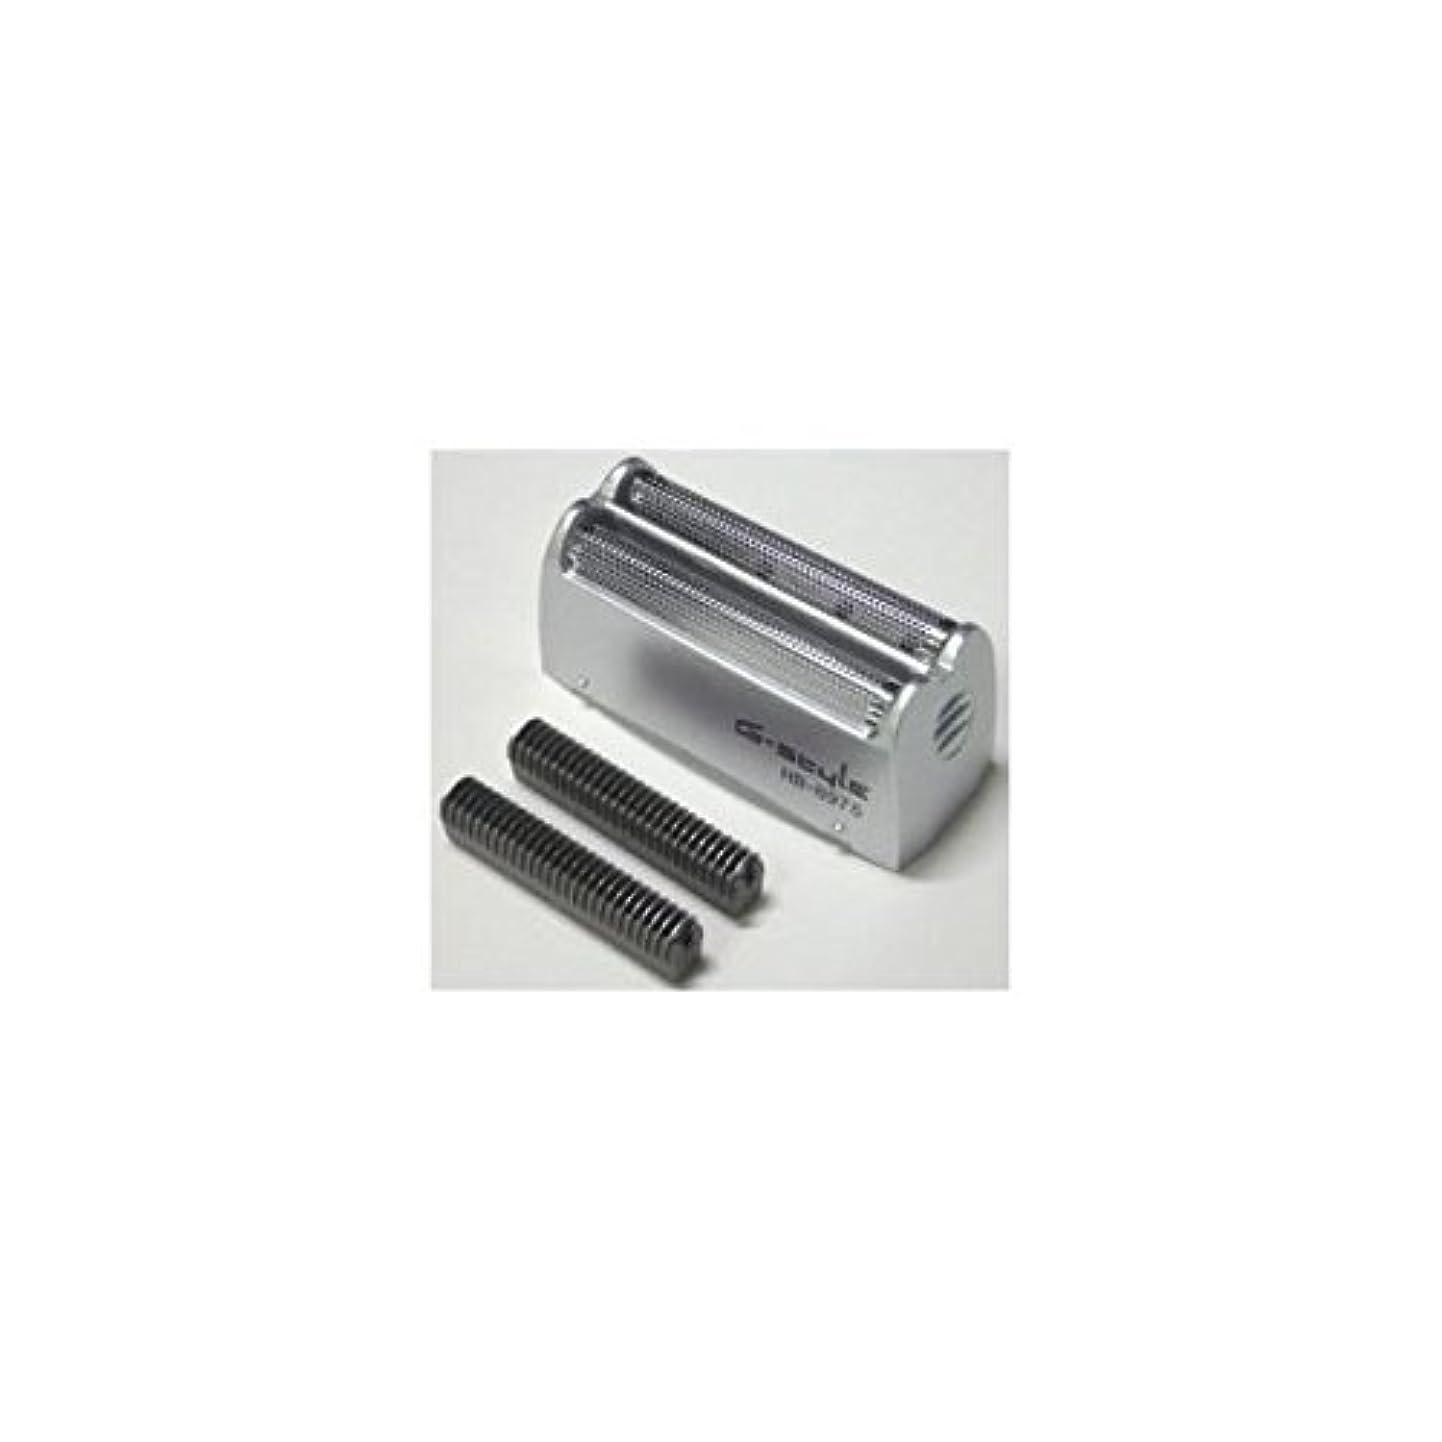 性交ミント内訳オーム電機 シェーバー用替え刃セット HB8981